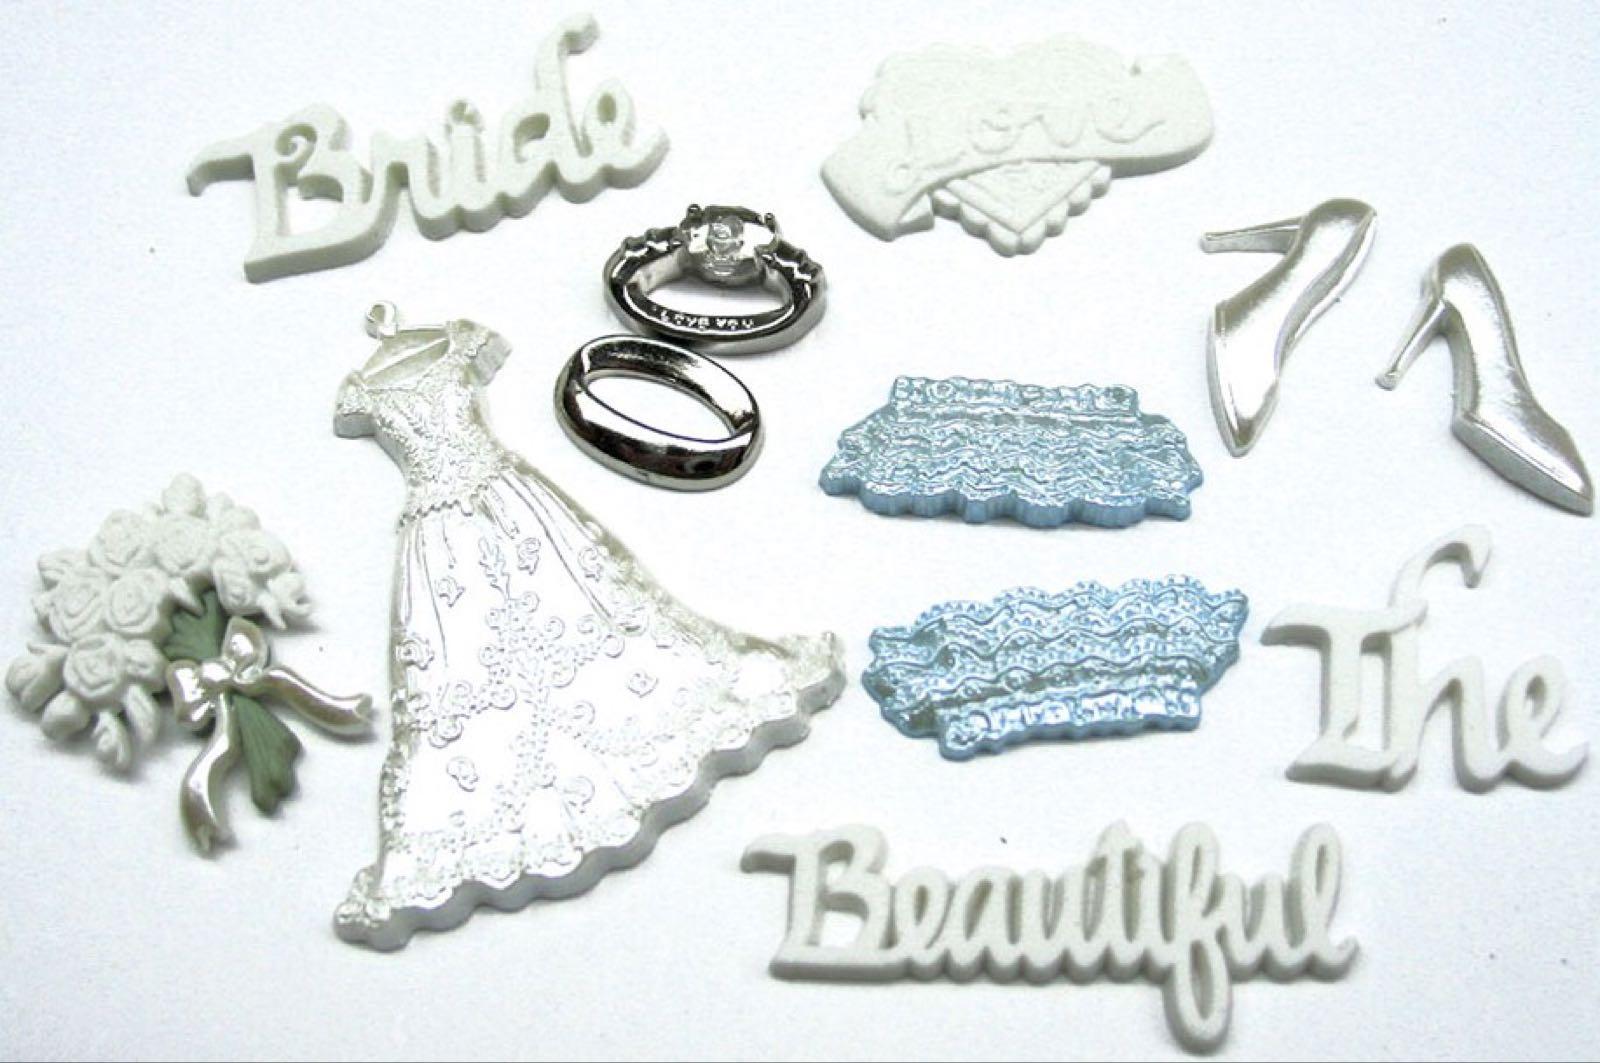 Memory mates bride, brudepynt: sko, kjole, hjerte, bånd, ringer, blomster-bukett, ord.